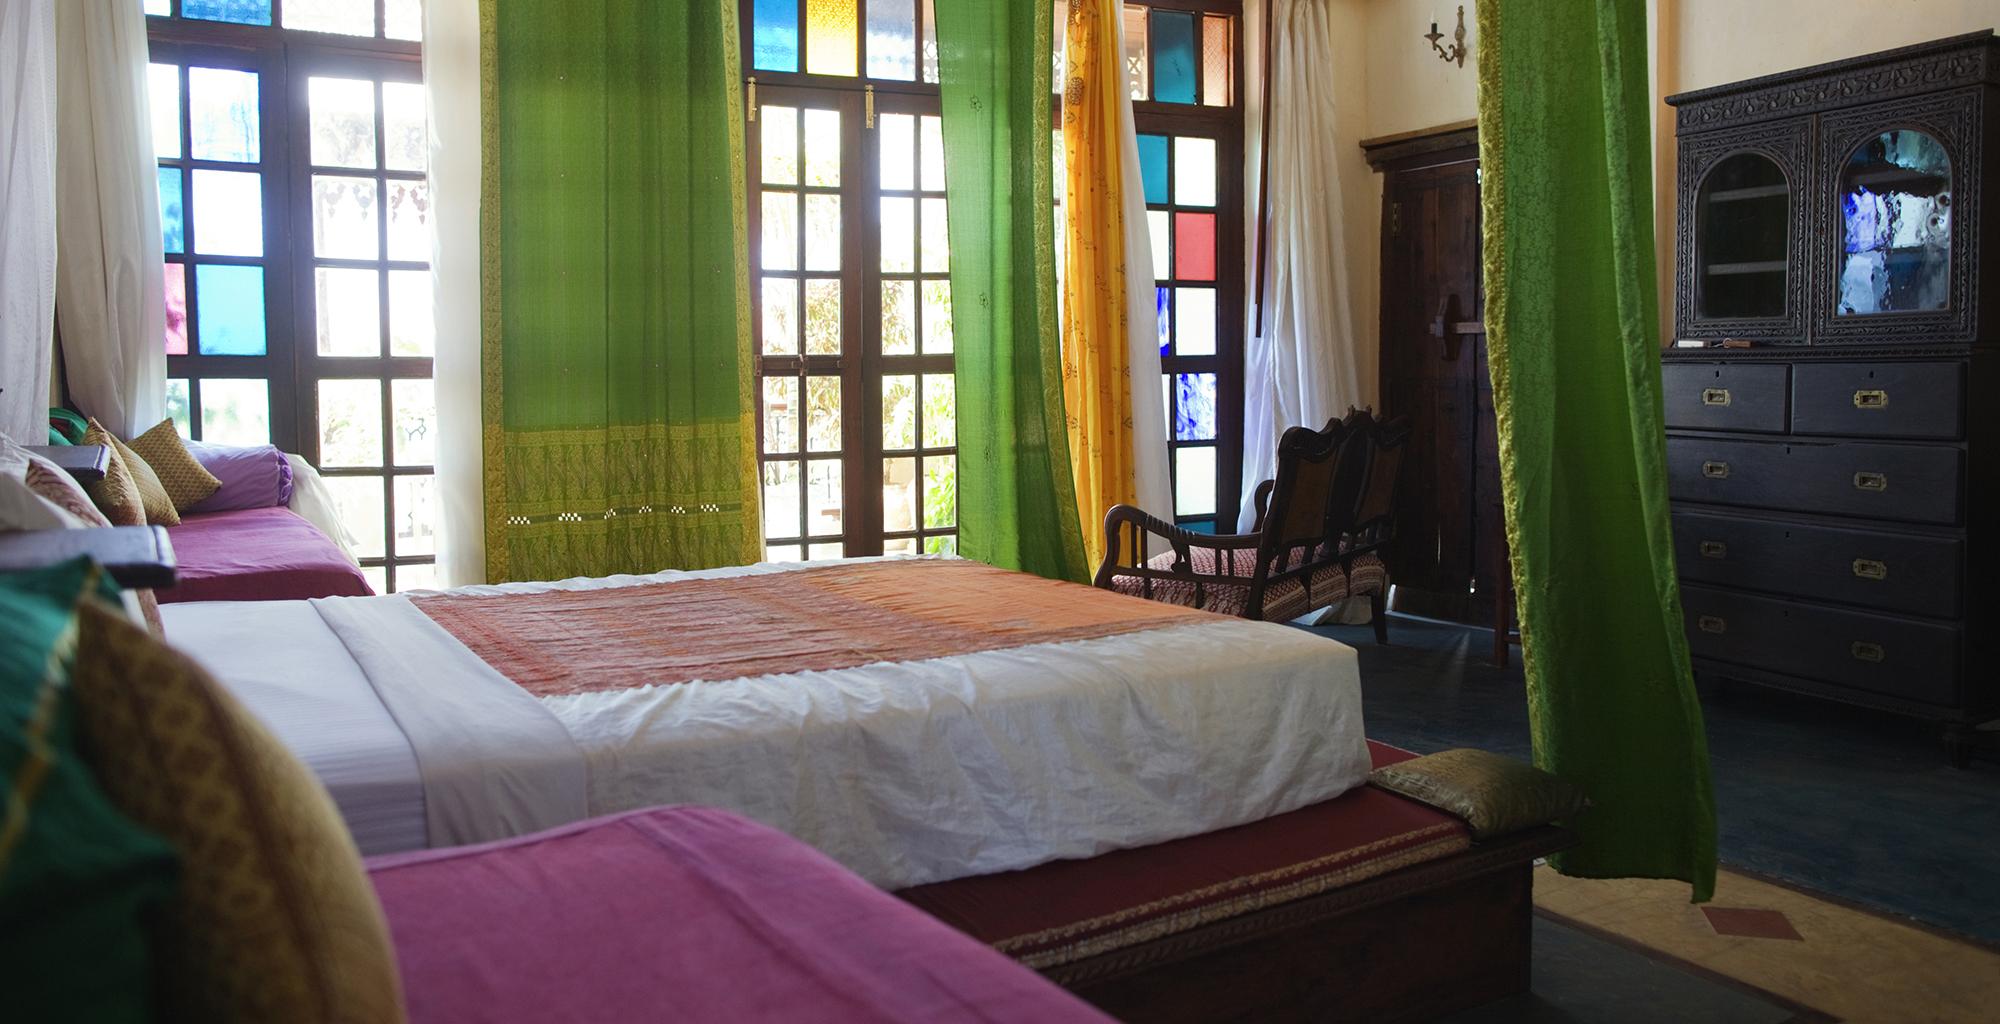 Tanzania-Emerson-Spice-Bedroom